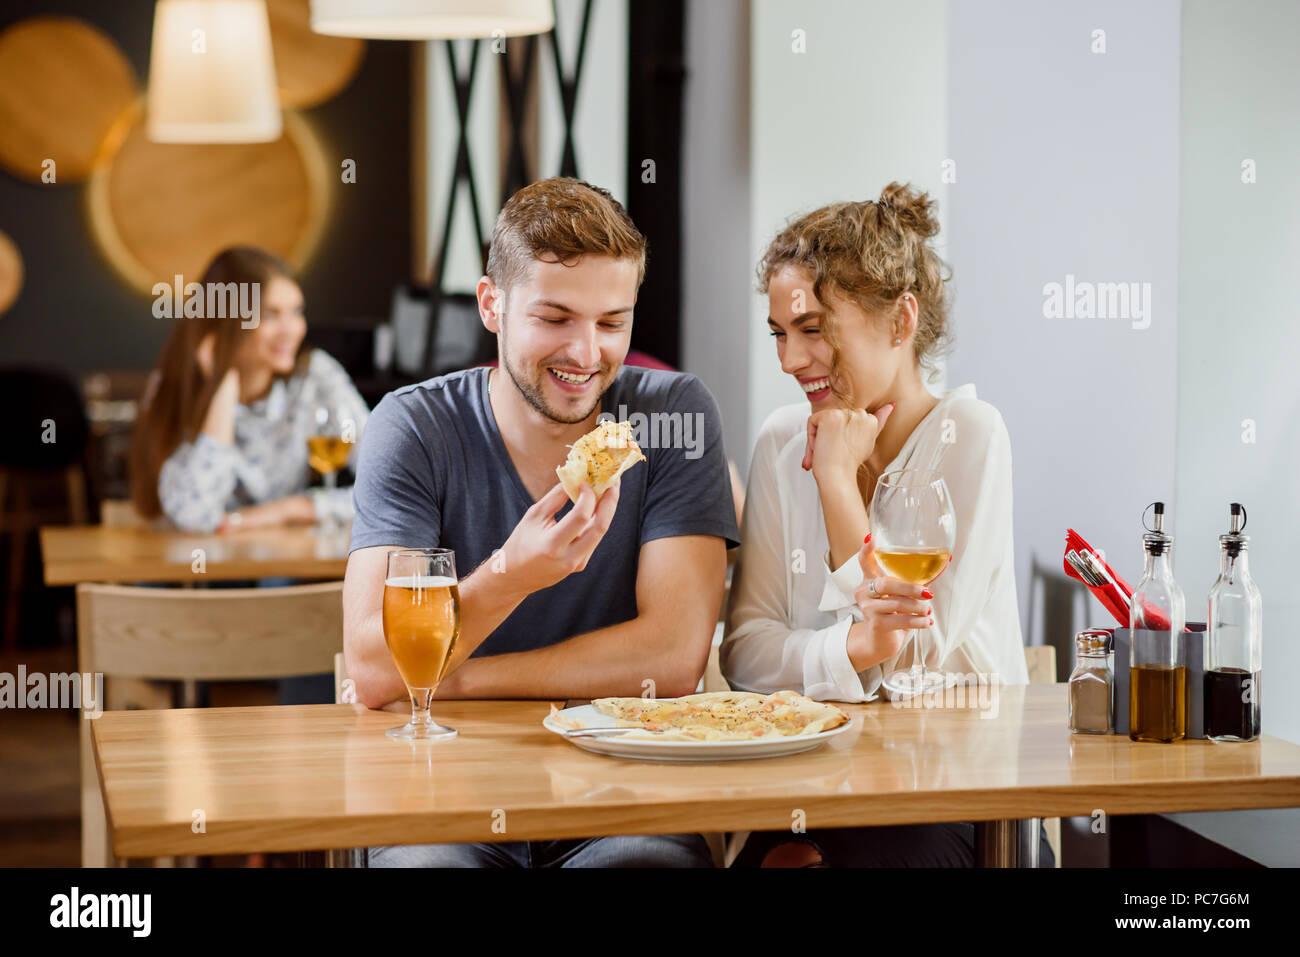 Interior de la pizzería moderna. Dulce pareja sentada cerca de la mesa, sonriendo y posando. Mujer hermosa con el cabello rizado y guapo hombre comiendo pizza. Pizza y copas de vino y cerveza en la mesa. Imagen De Stock